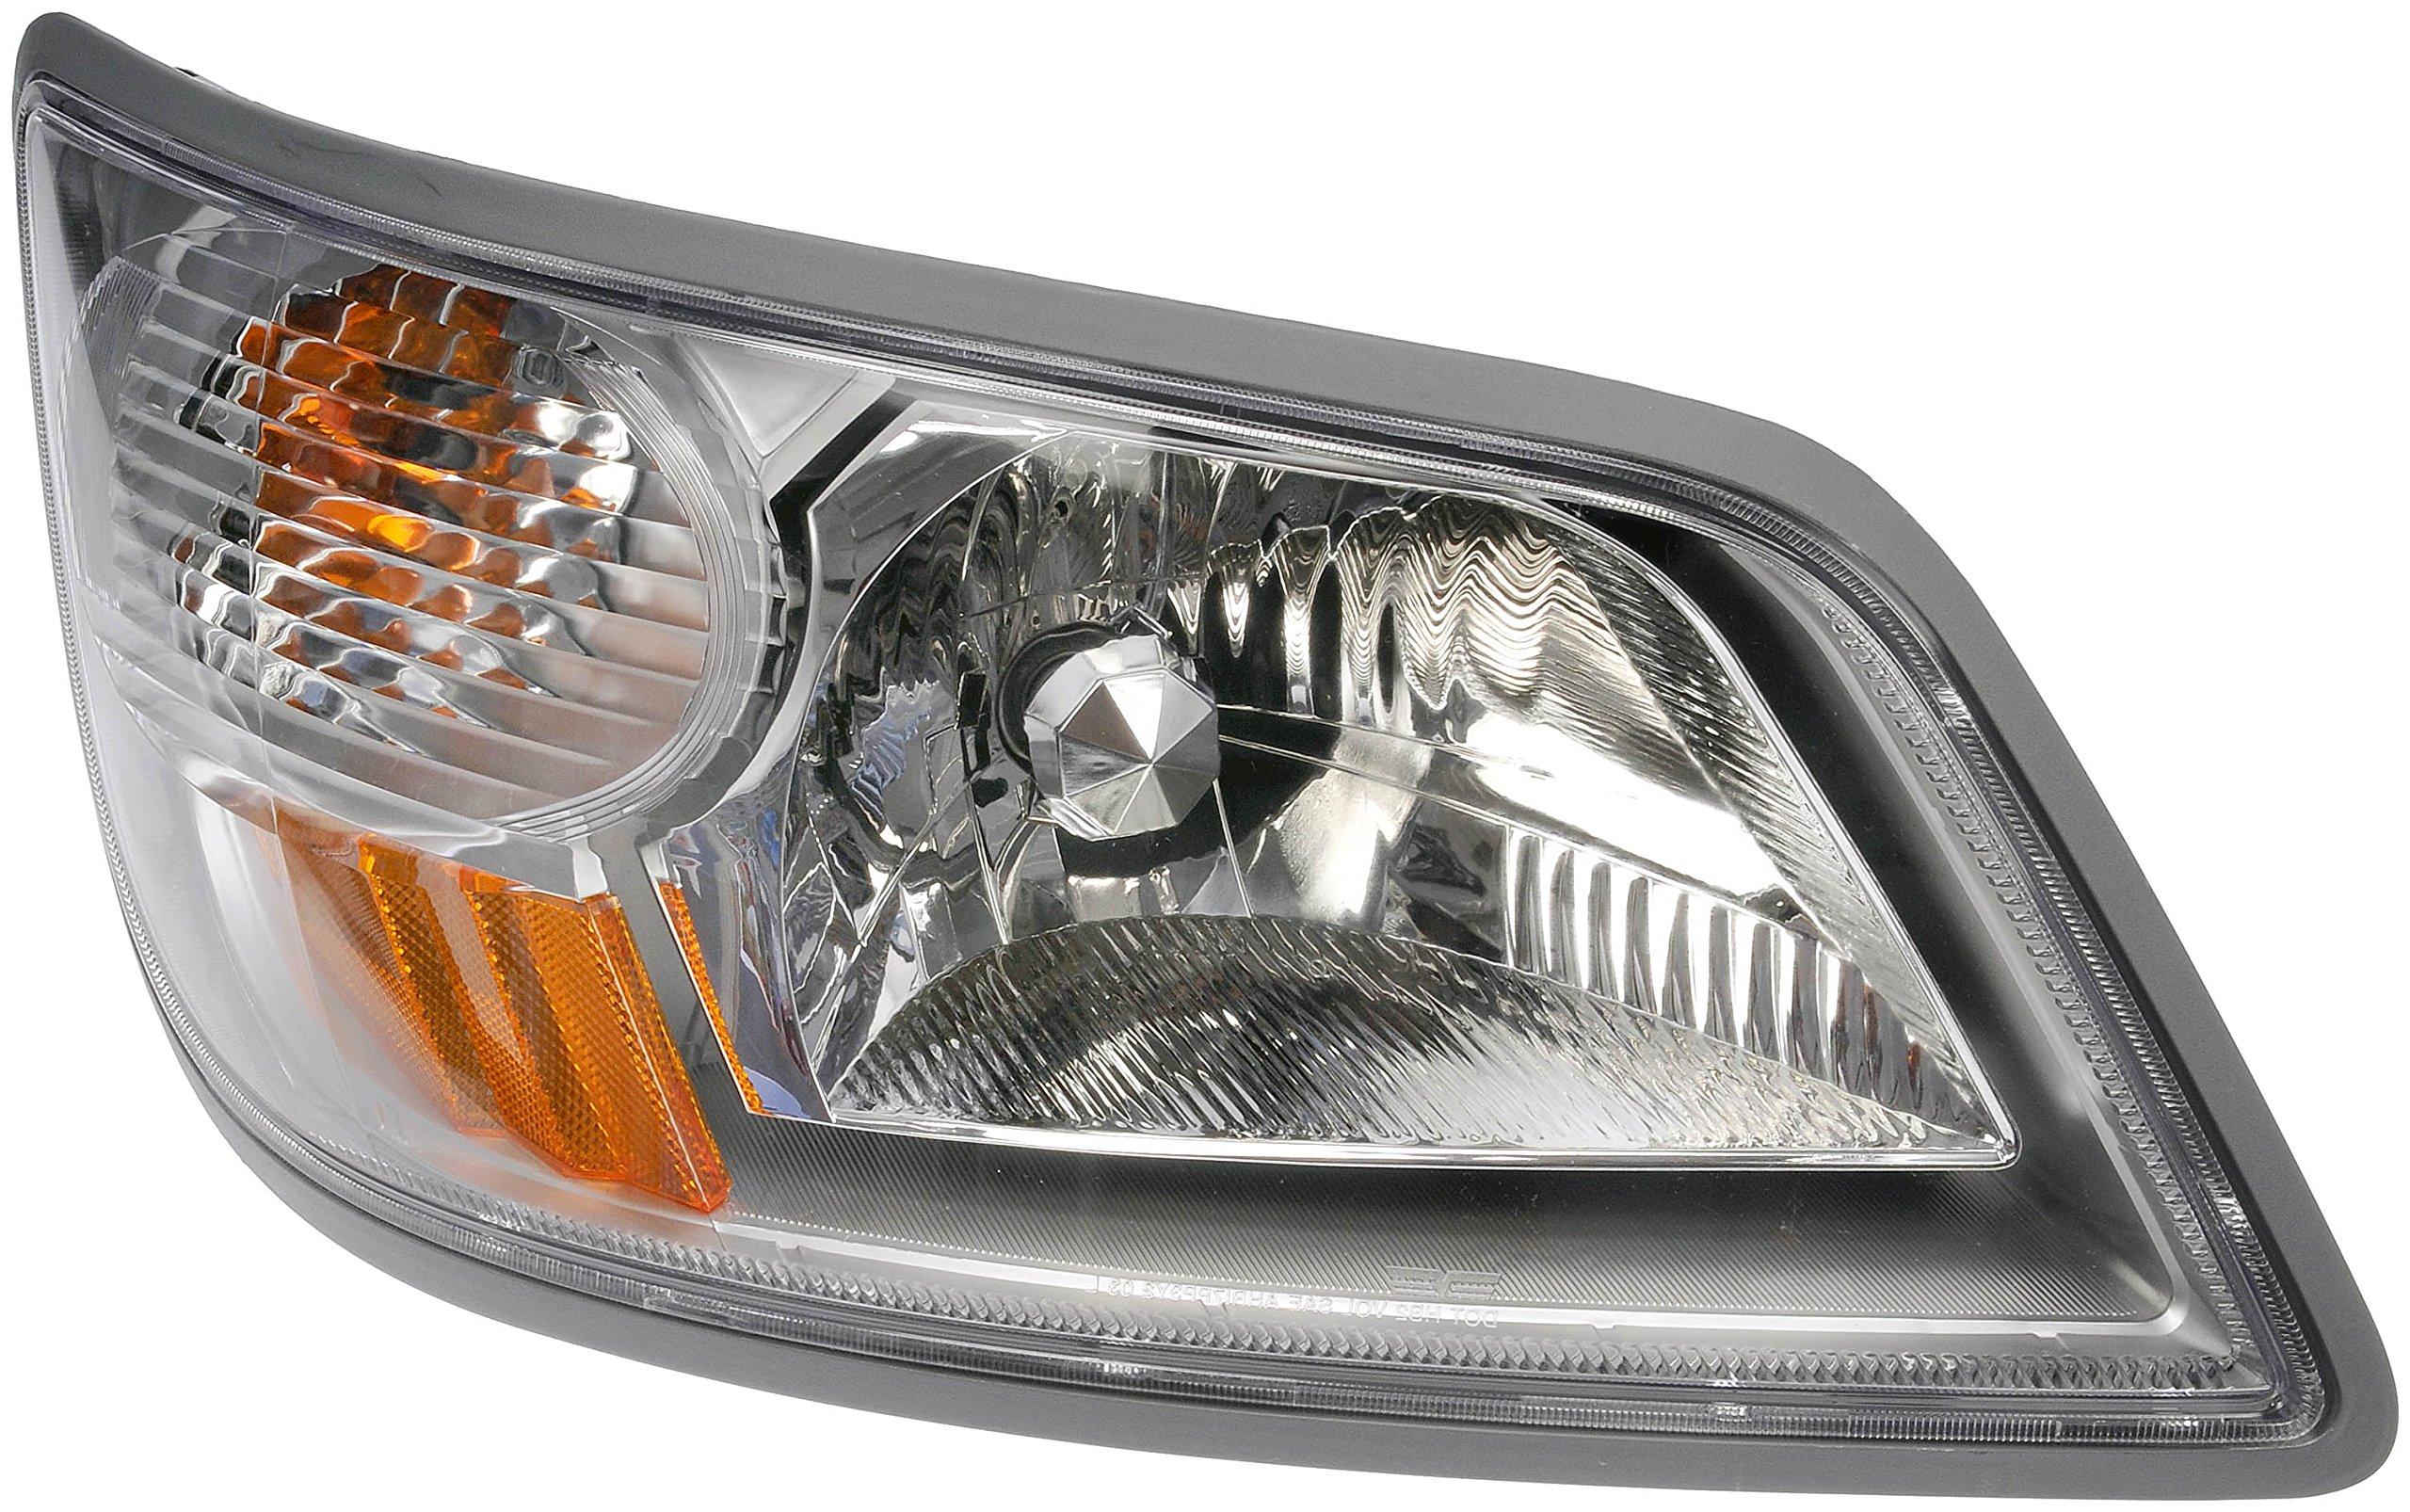 Dorman 888-5759 Passenger Side Headlight Assembly For Select Hino Models